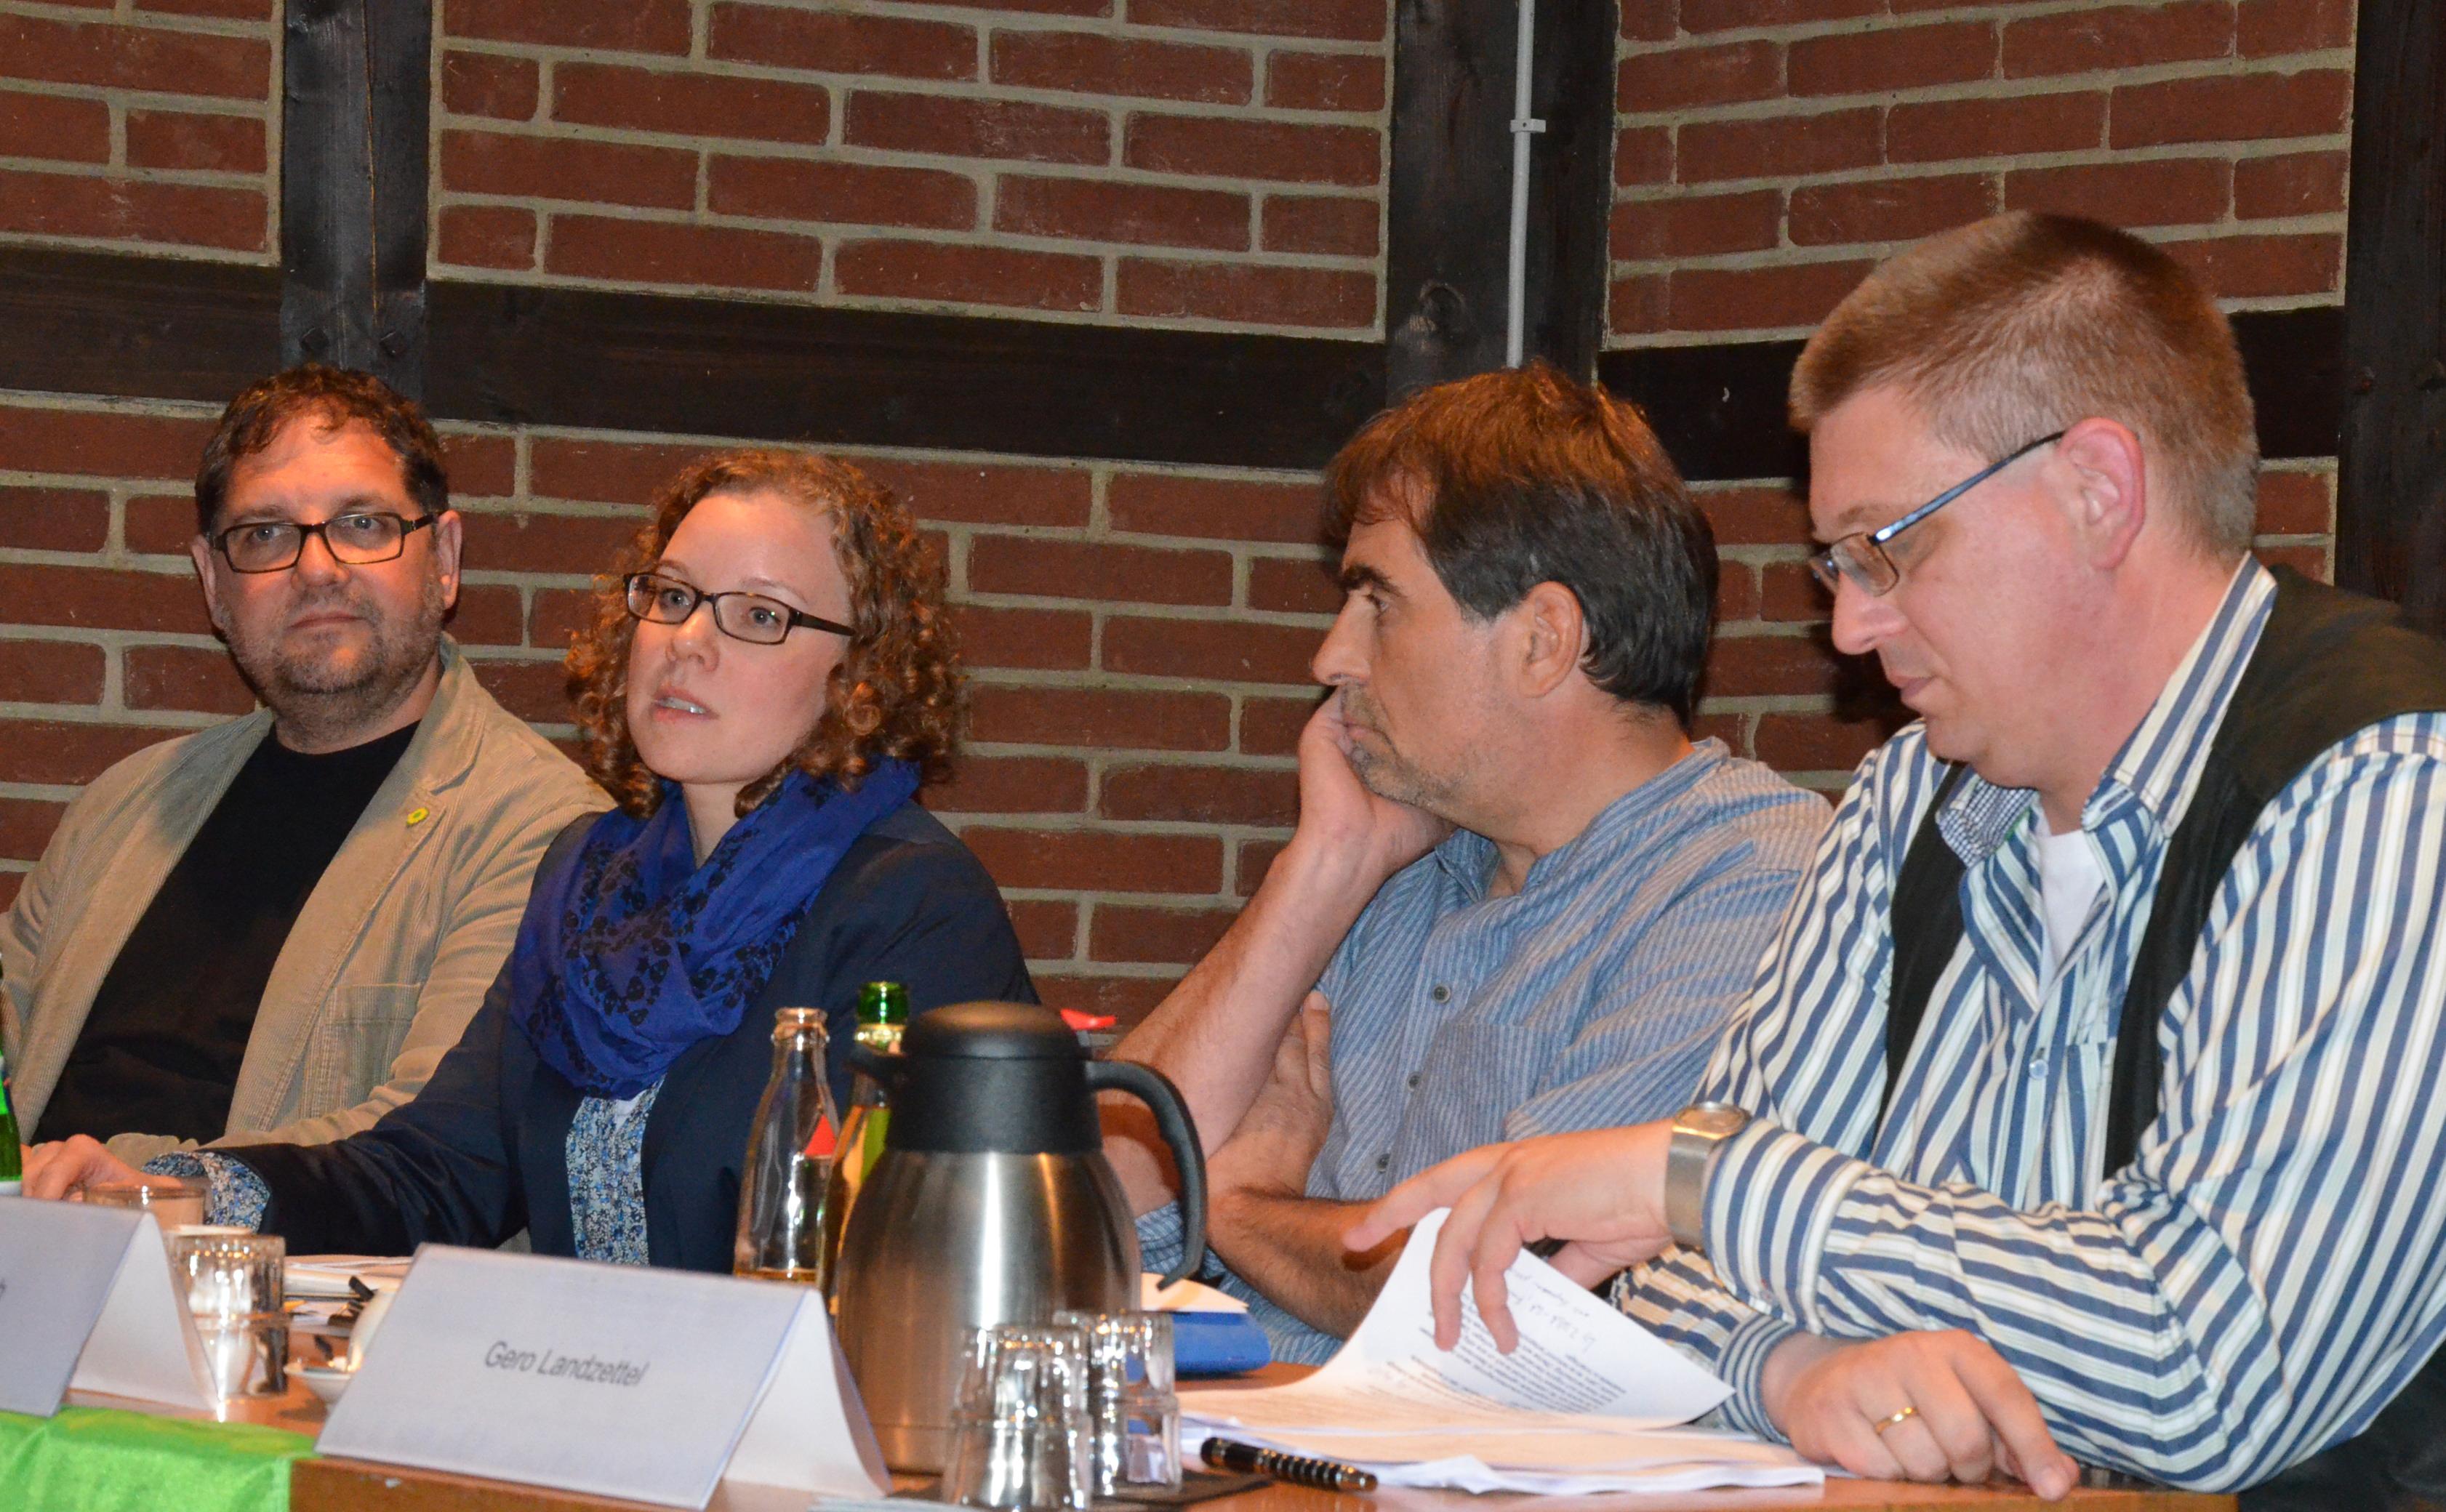 Das Podium, v.l.n.r.: Gero Landzettel (BI gg. Gasbohren), Heinz Oberlach (DEA), Julia Verlinden (MdB), moi